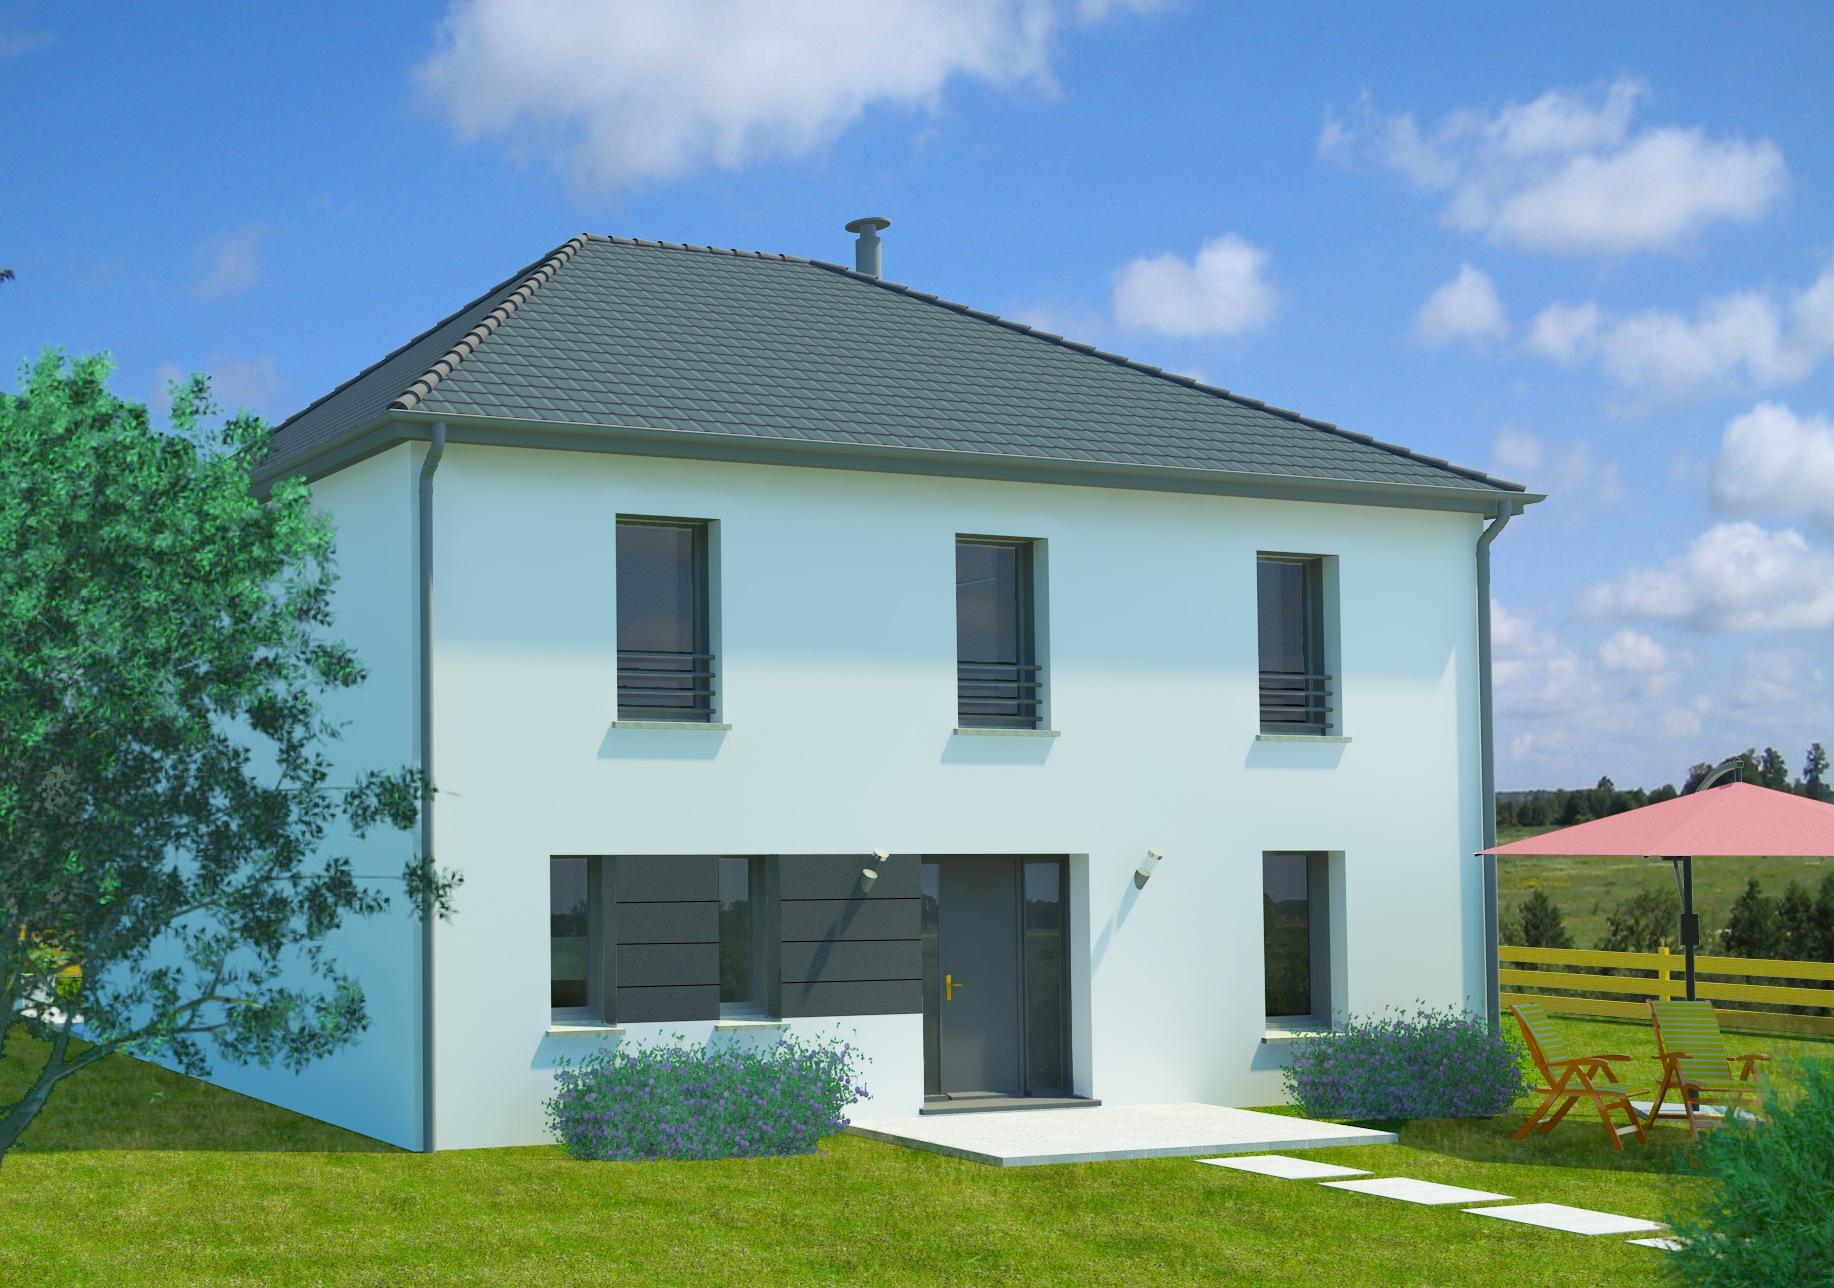 Maisons + Terrains du constructeur MAISON FAMILIALE • 90 m² • SOIGNOLLES EN BRIE